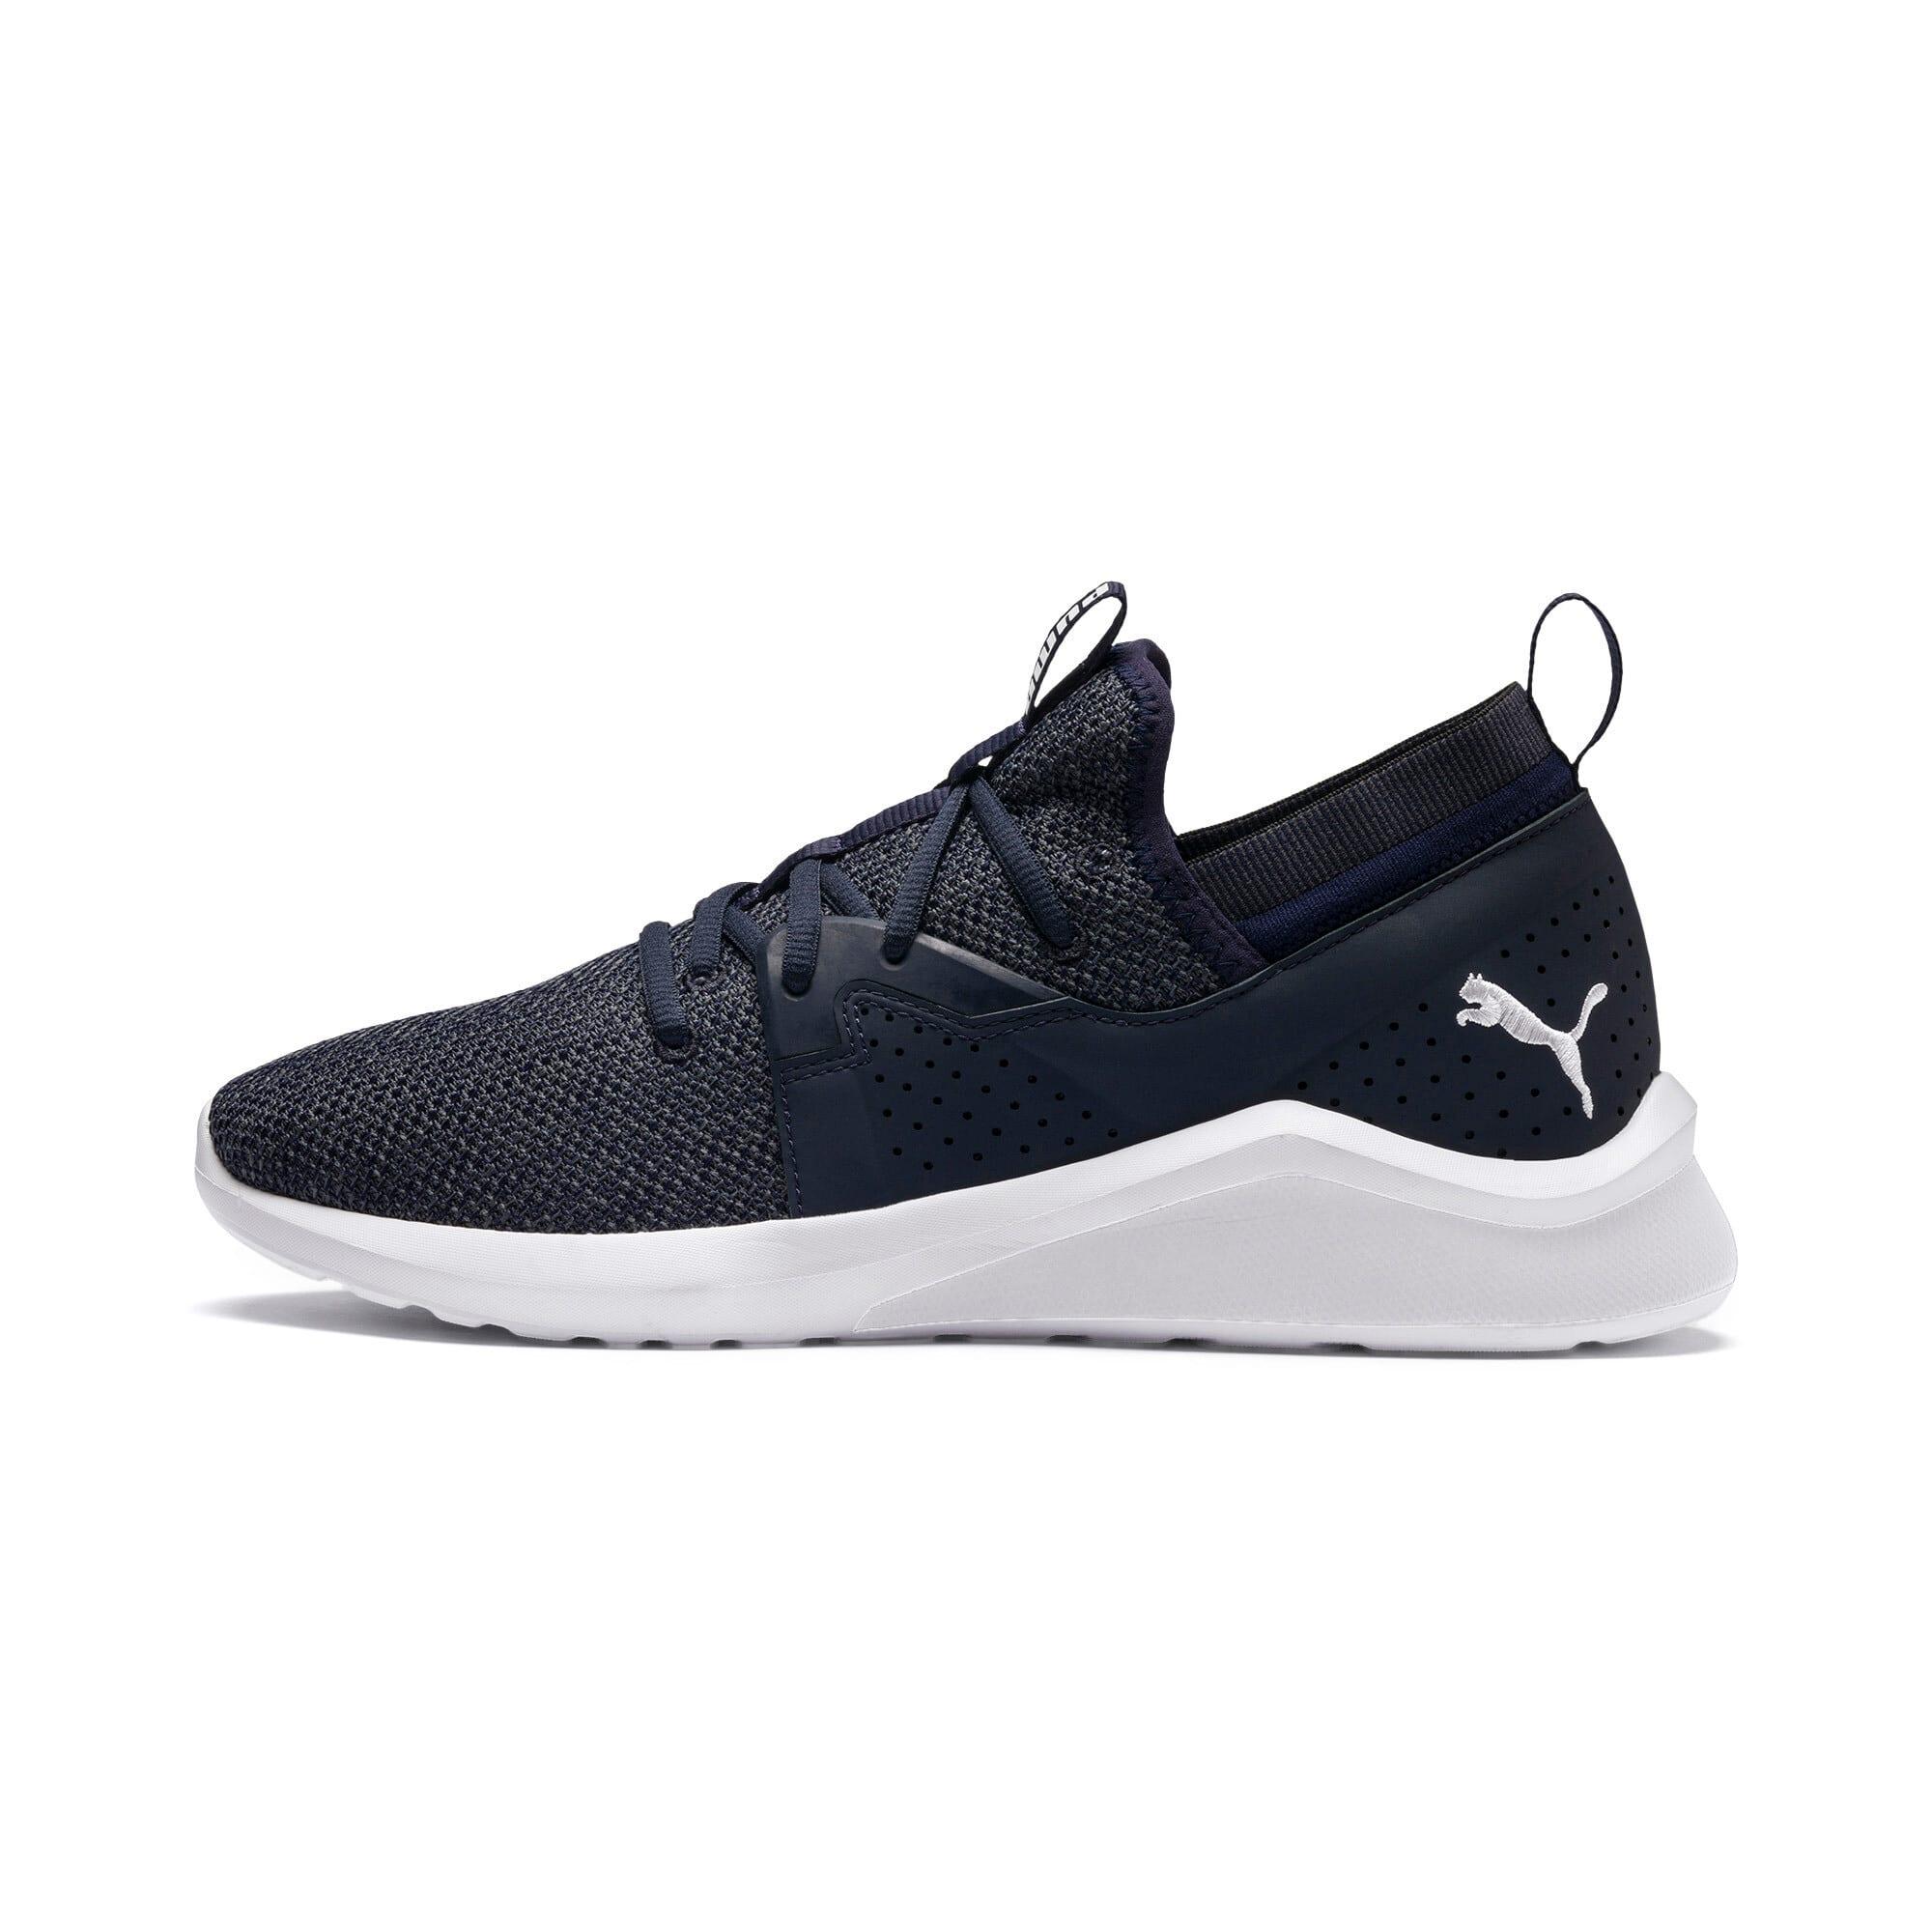 Miniatura 1 de Zapatos deportivos Emergence para hombre, Peacoat-Puma White, mediano